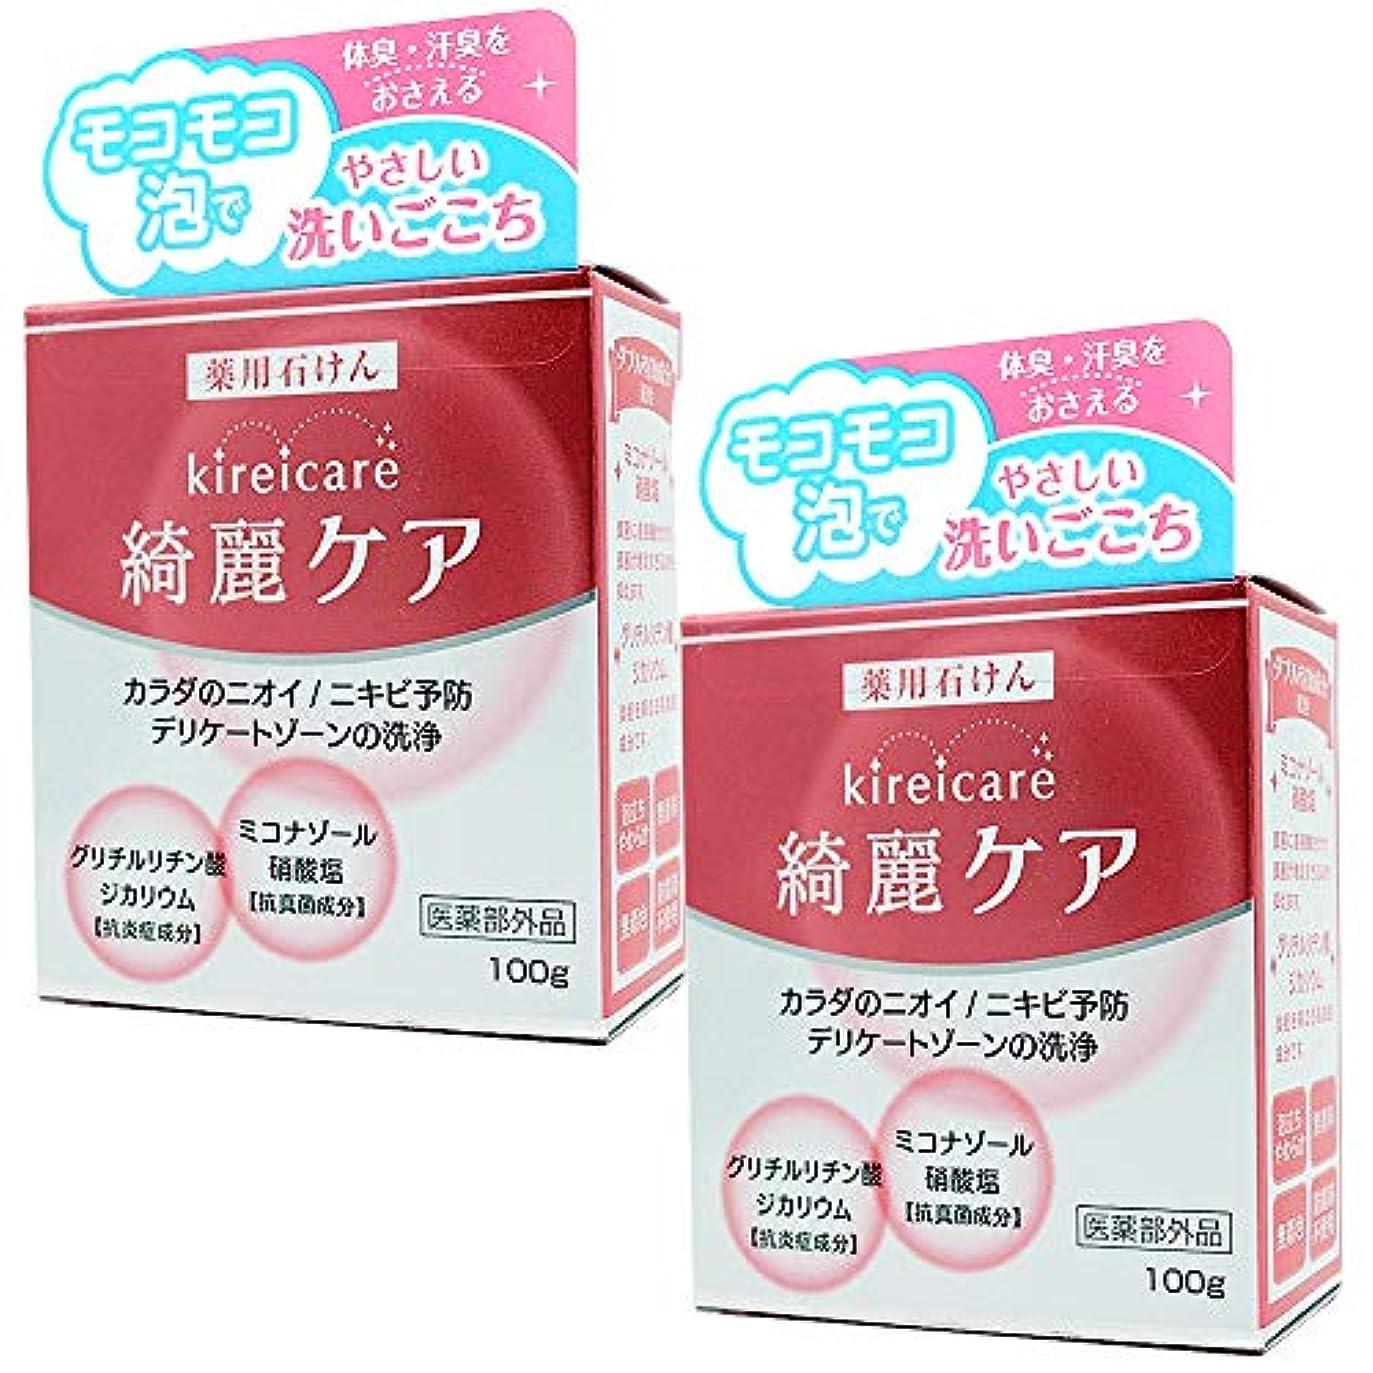 信頼もっともらしいトライアスリート白金製薬 ミコナゾール 綺麗ケア 薬用石けん 100g [医薬部外品] 2個セット